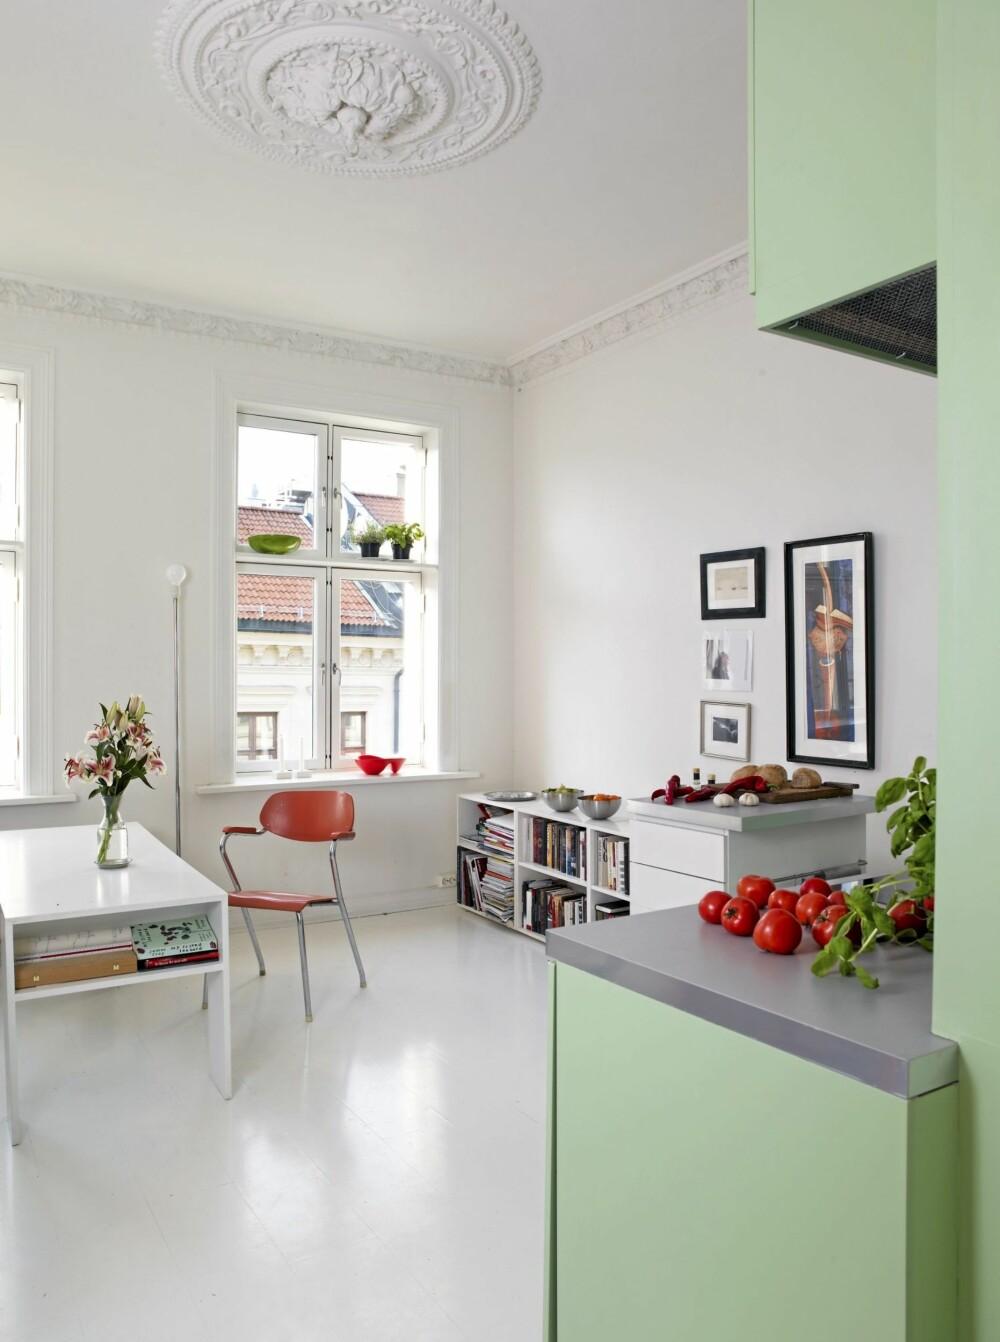 KJØKKEN OG STUE I ETT: Kjøkkenet gir stua særpreg og omvendt. Stuebordet brukes også som spisebord.